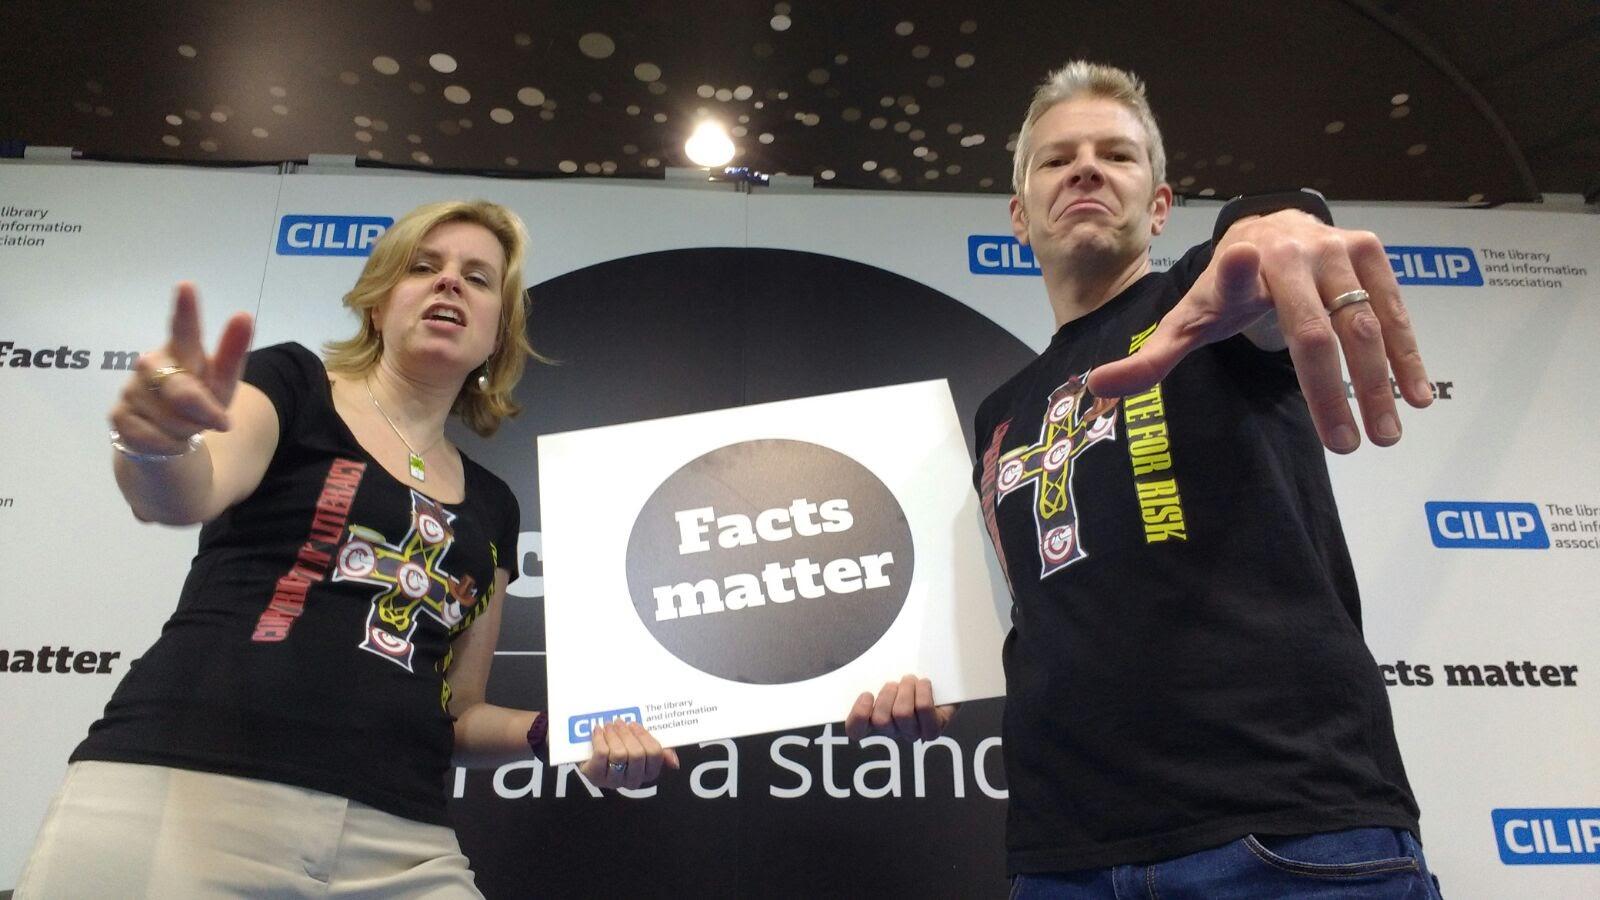 Jane Secker and ILG member Chris Morrison strike a pose for #FactsMatter